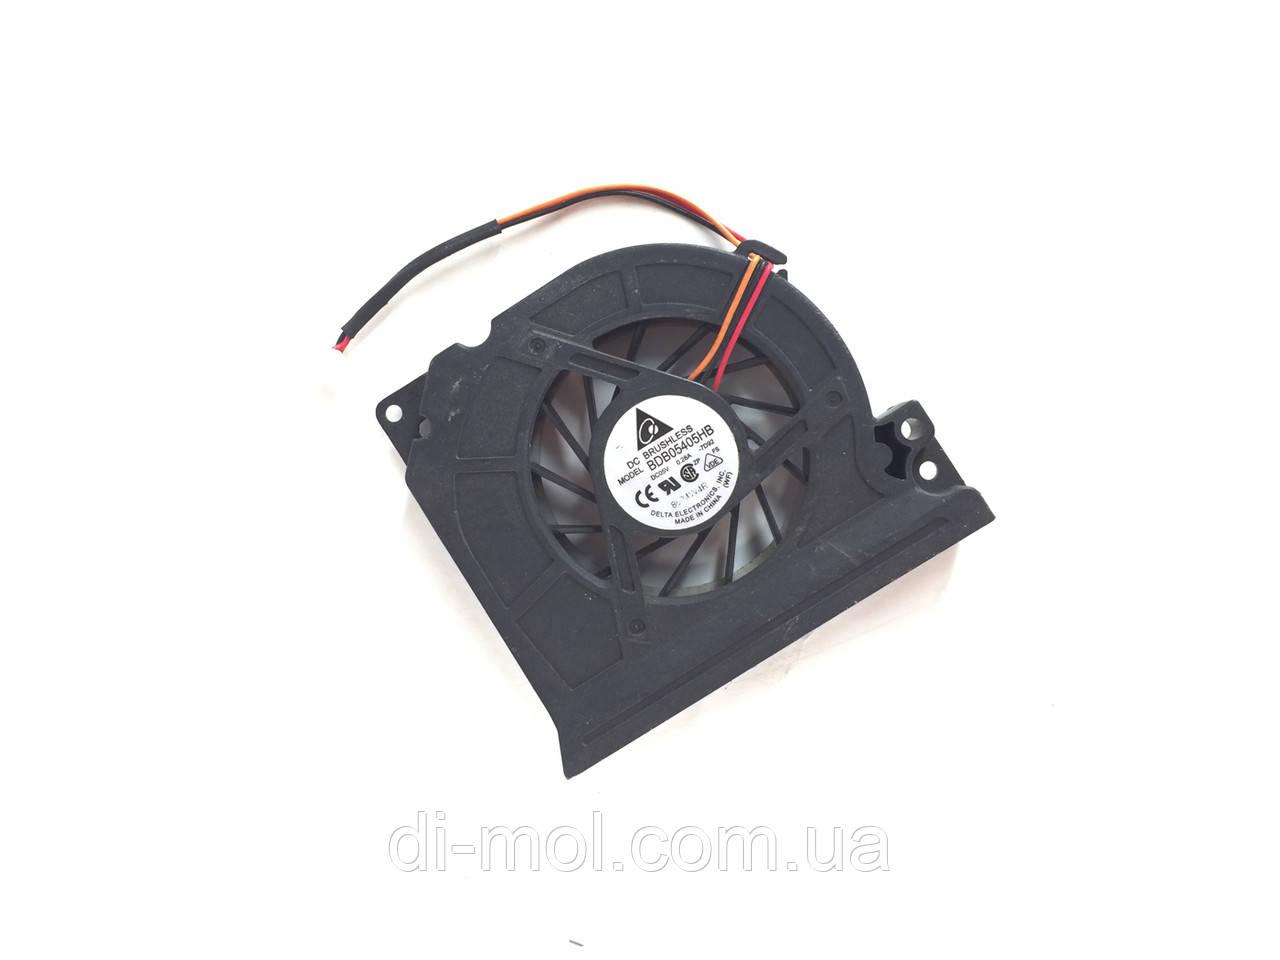 Вентилятор для ноутбука Samsung R58, R60, R60+, R60 Plus, P500 series, 3-pin